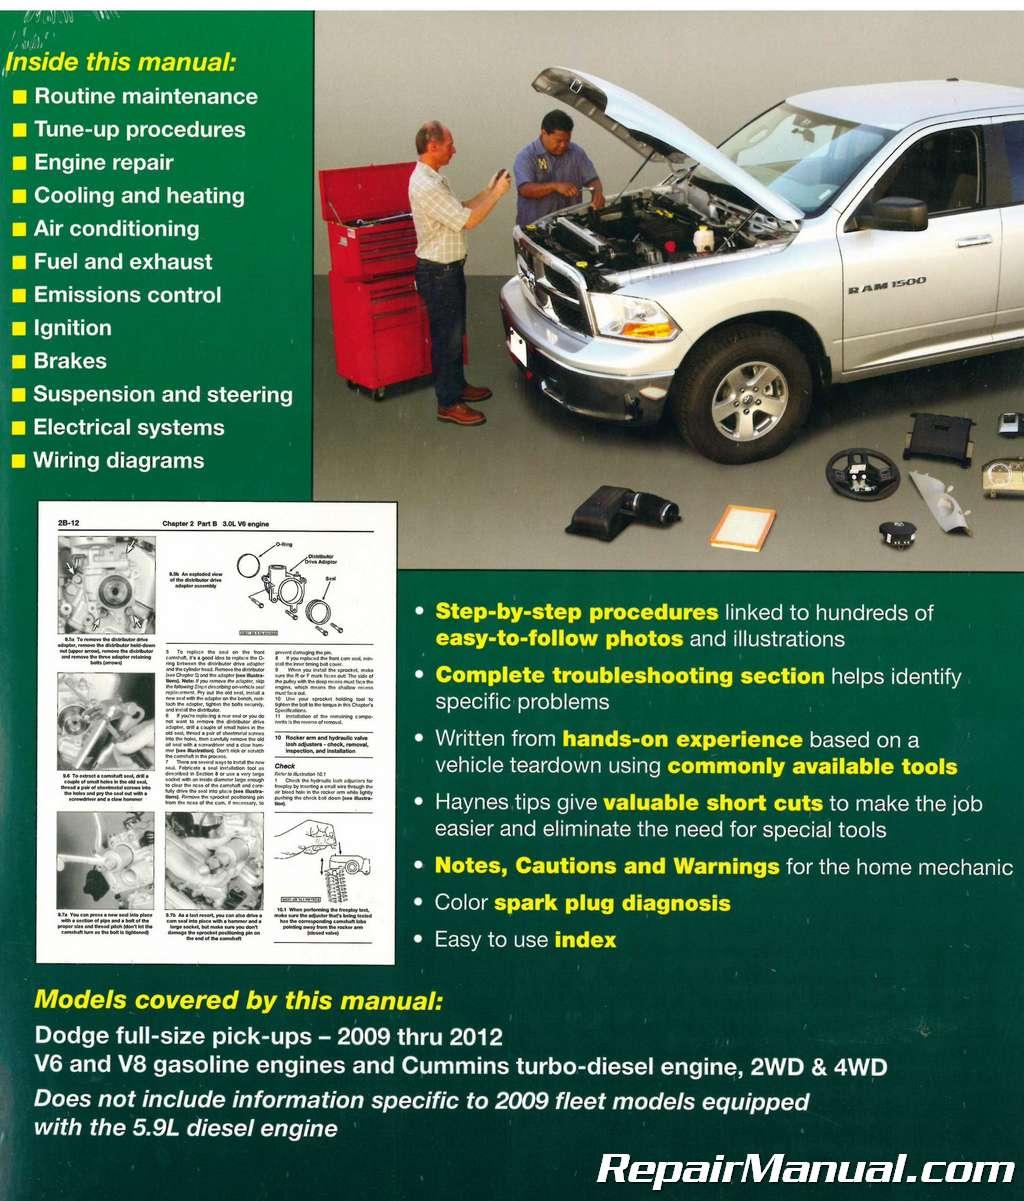 2009 2012 dodge ram pick up truck haynes repair manual rh repairmanual com 2009 dodge ram owners manual 2009 dodge ram service manual